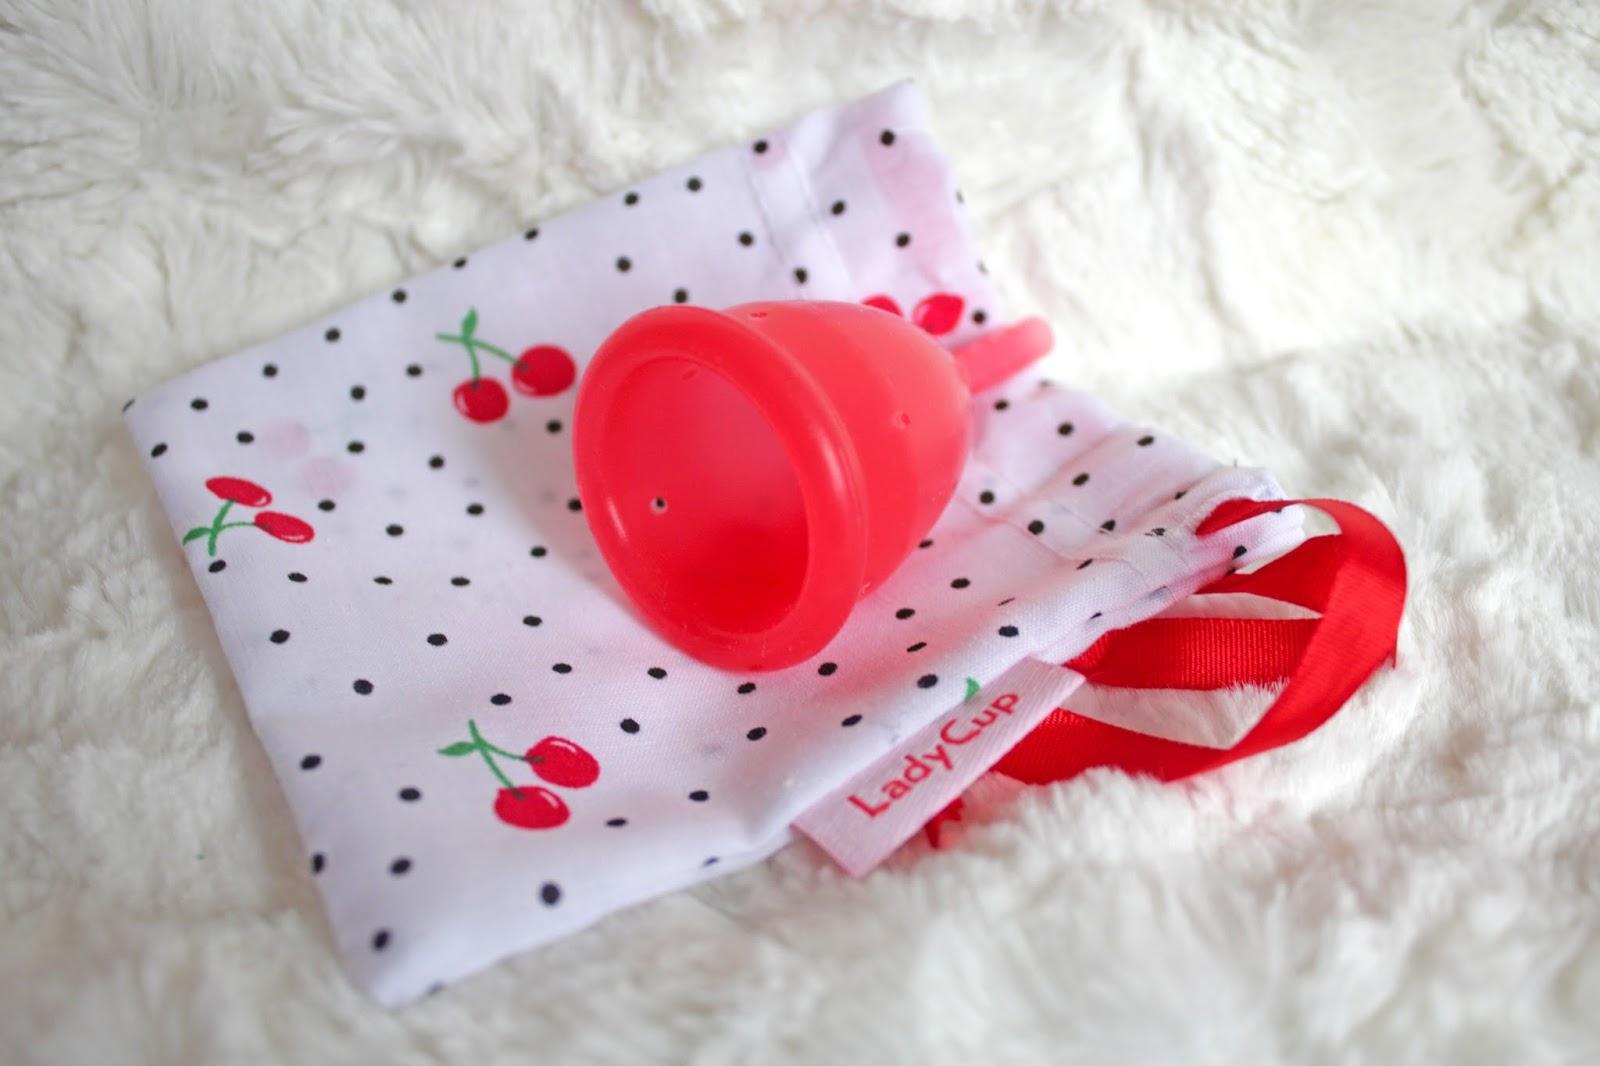 c1aec3a70f LadyCups kommen in hübschen Farben und mit dekorativen Beutelchen.